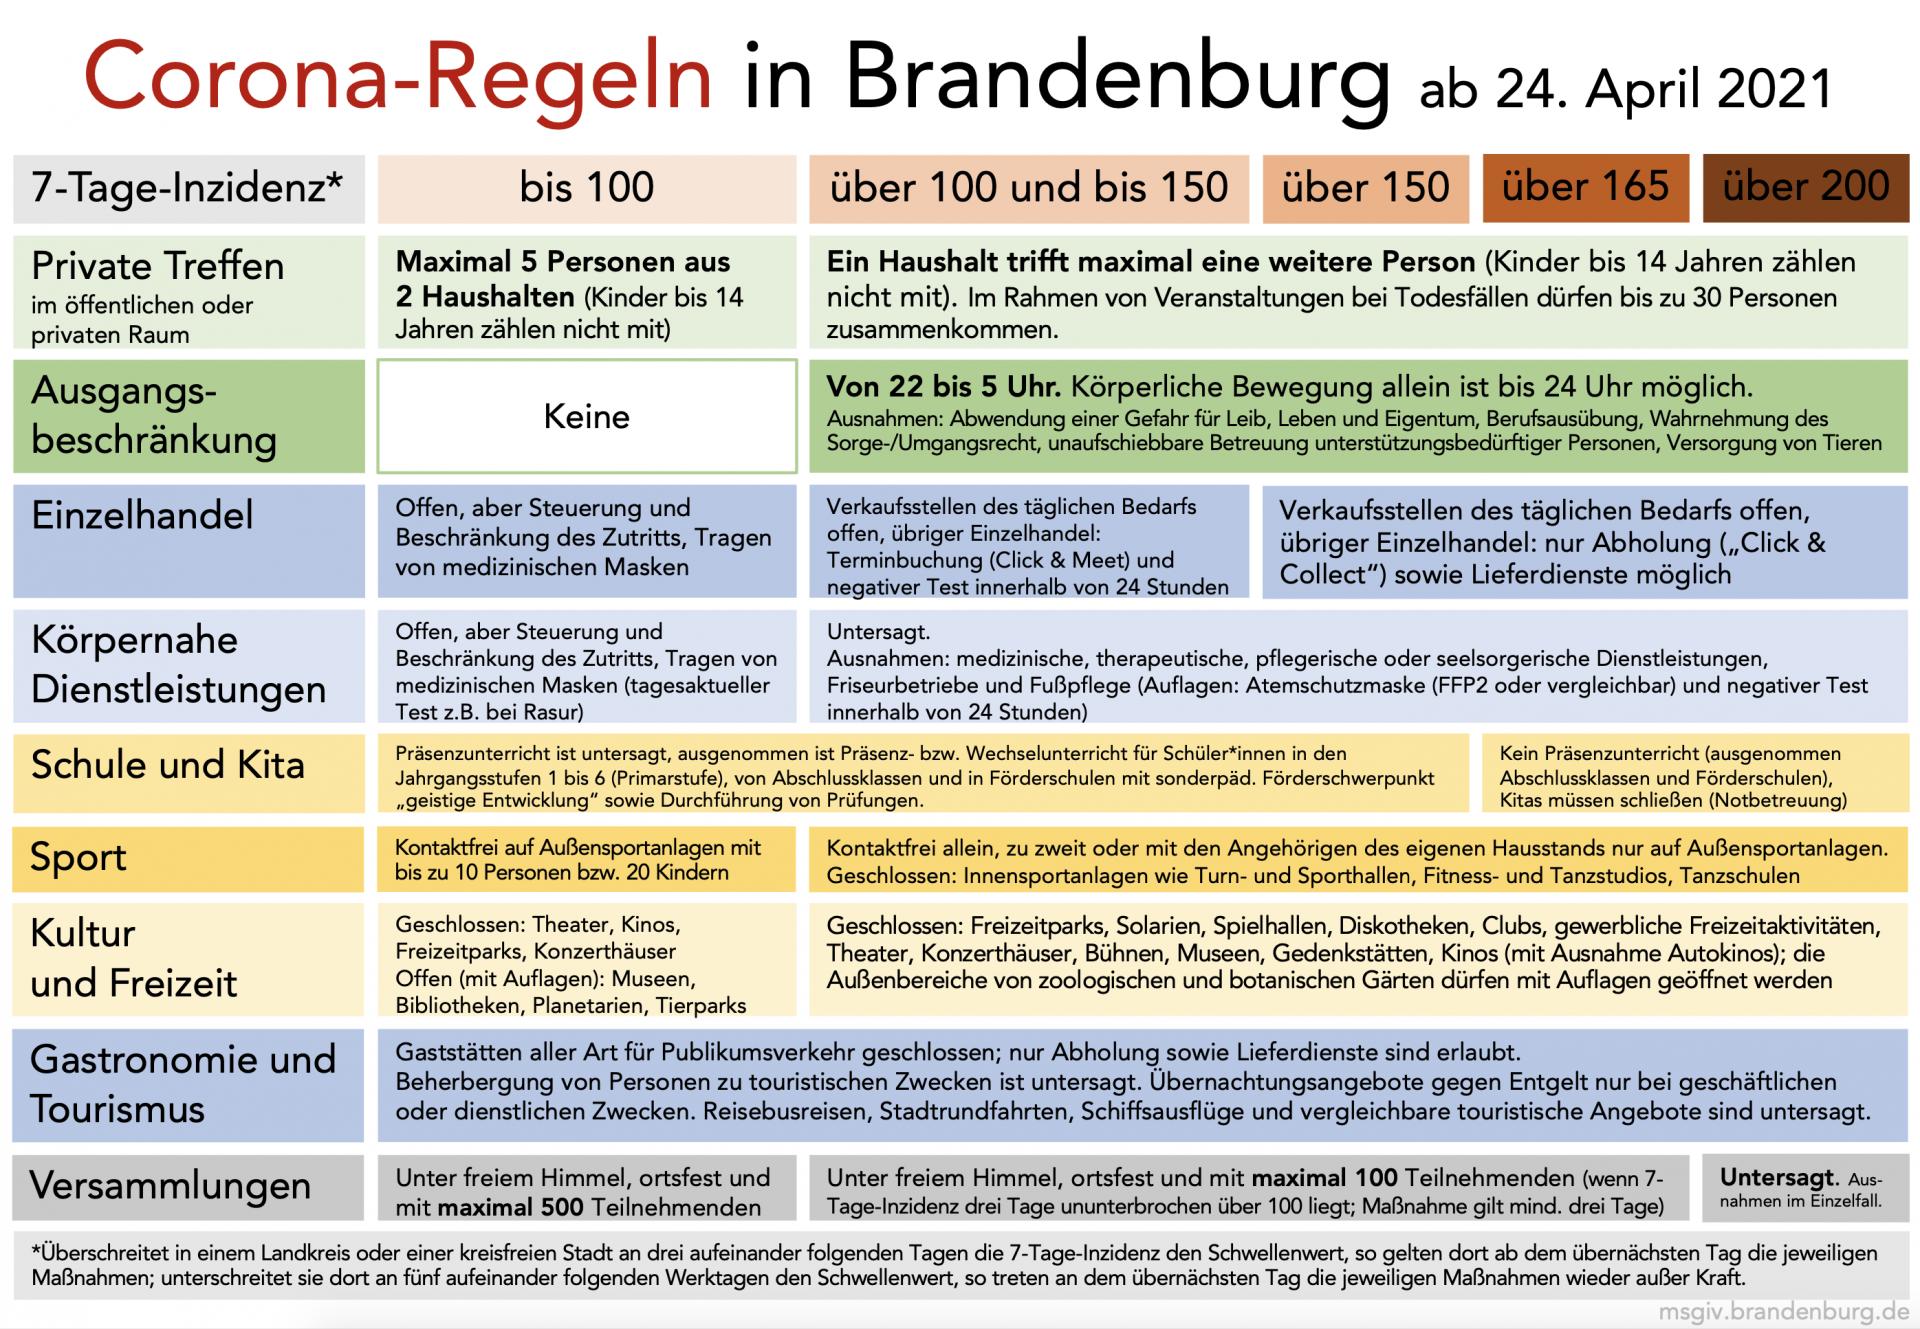 Übersicht Corona Regeln ab 24. April Quelle: msgiv.brandenburg.de